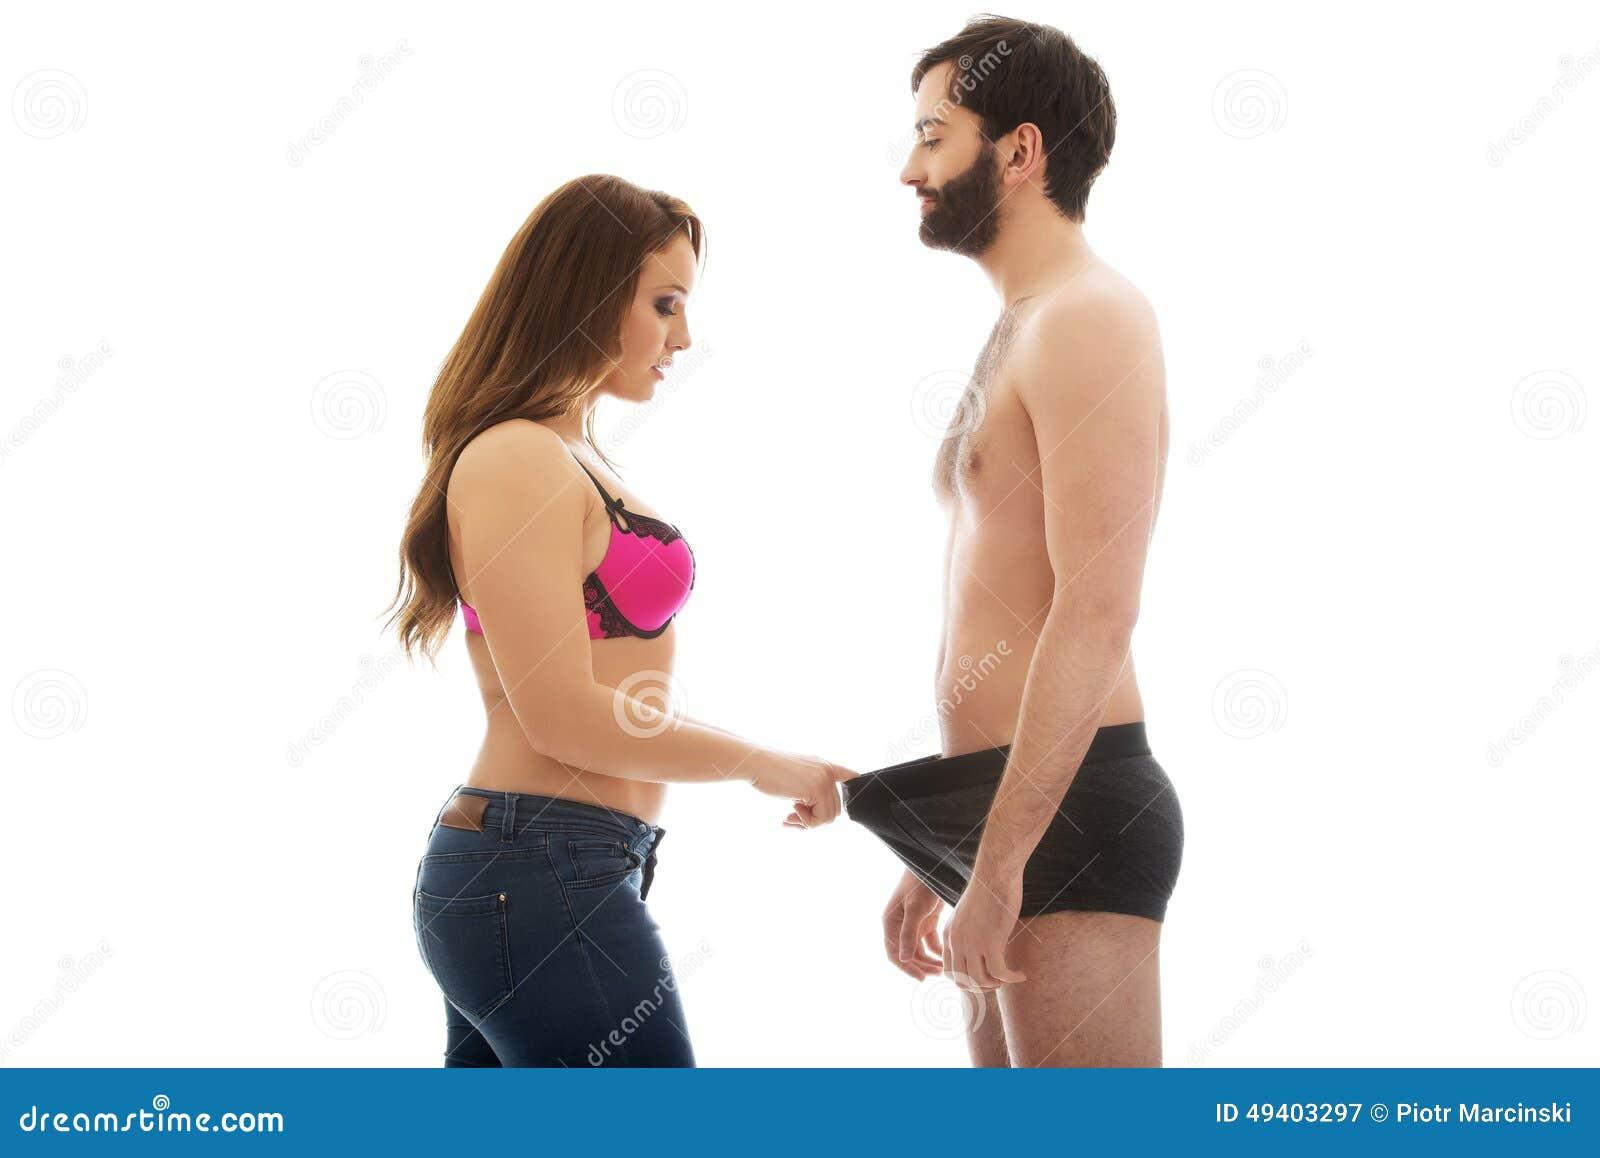 Download Attraktive Frau, Die Den Schlüpfer Des Mannes Untersucht Stockbild - Bild von person, frau: 49403297